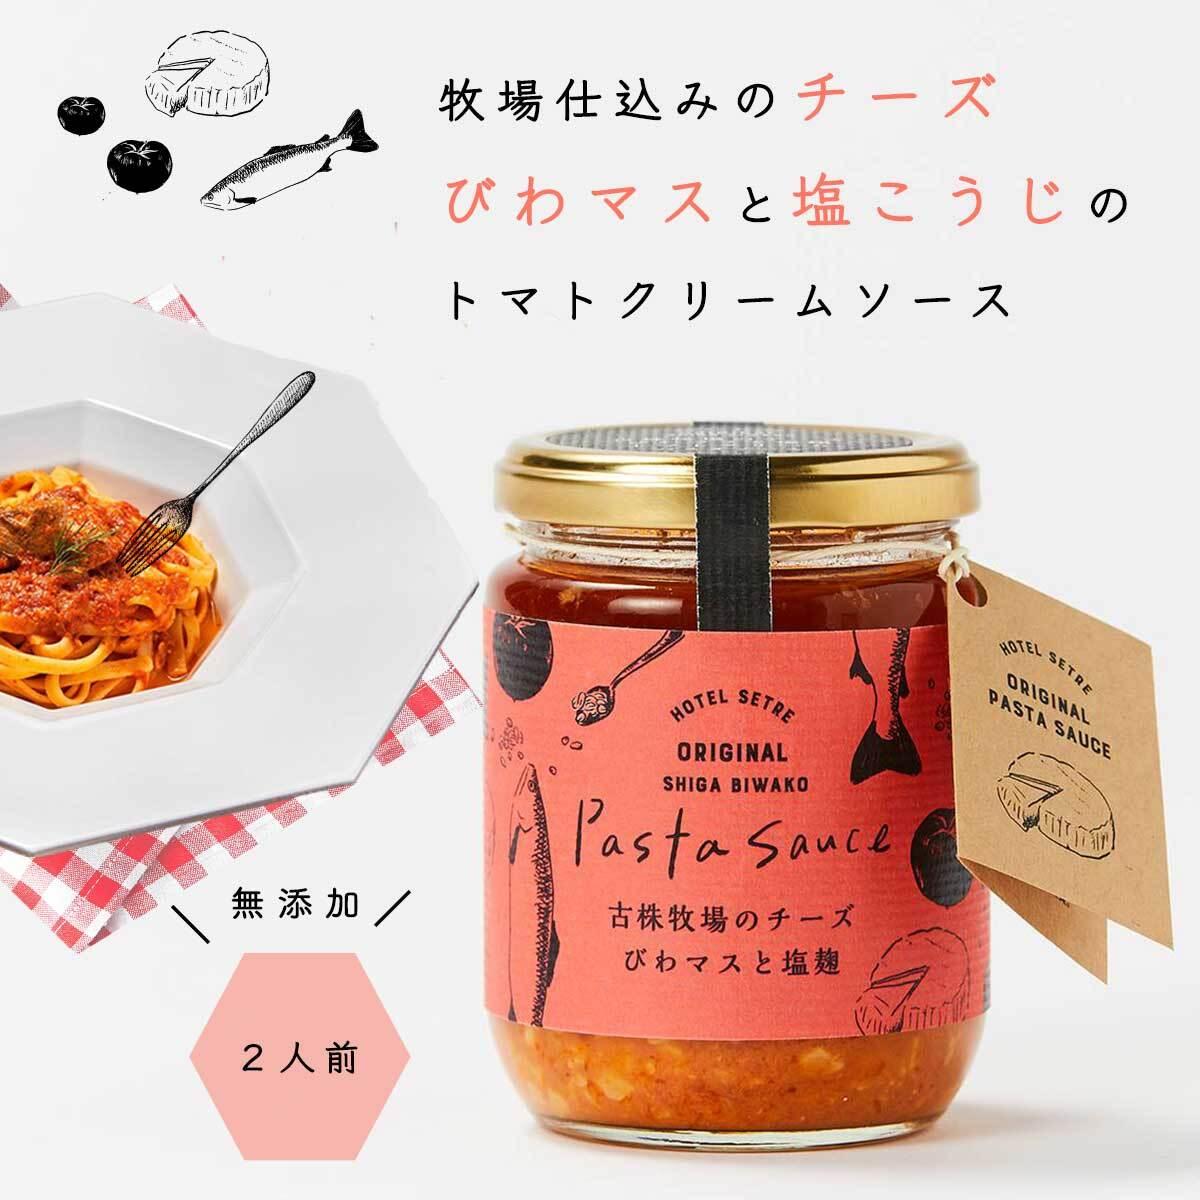 パスタソース 古株牧場のチーズ びわマスと塩麹のトマトクリームソース(200g)